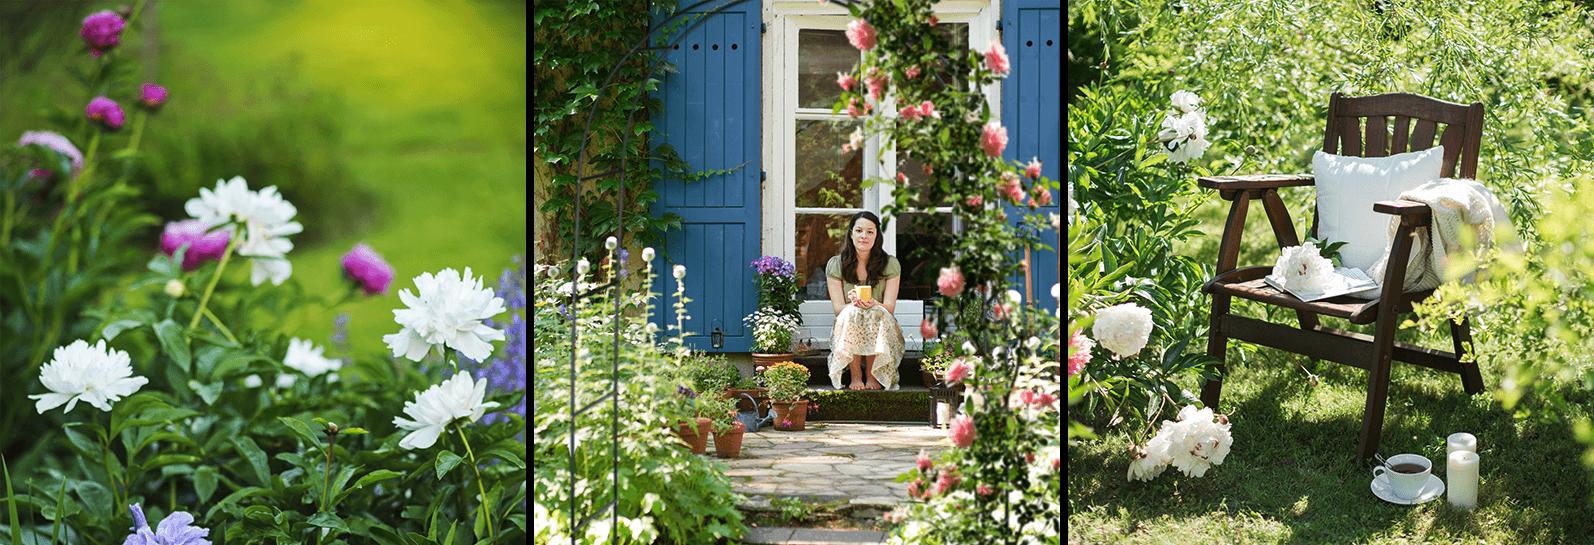 Landhaus Garten